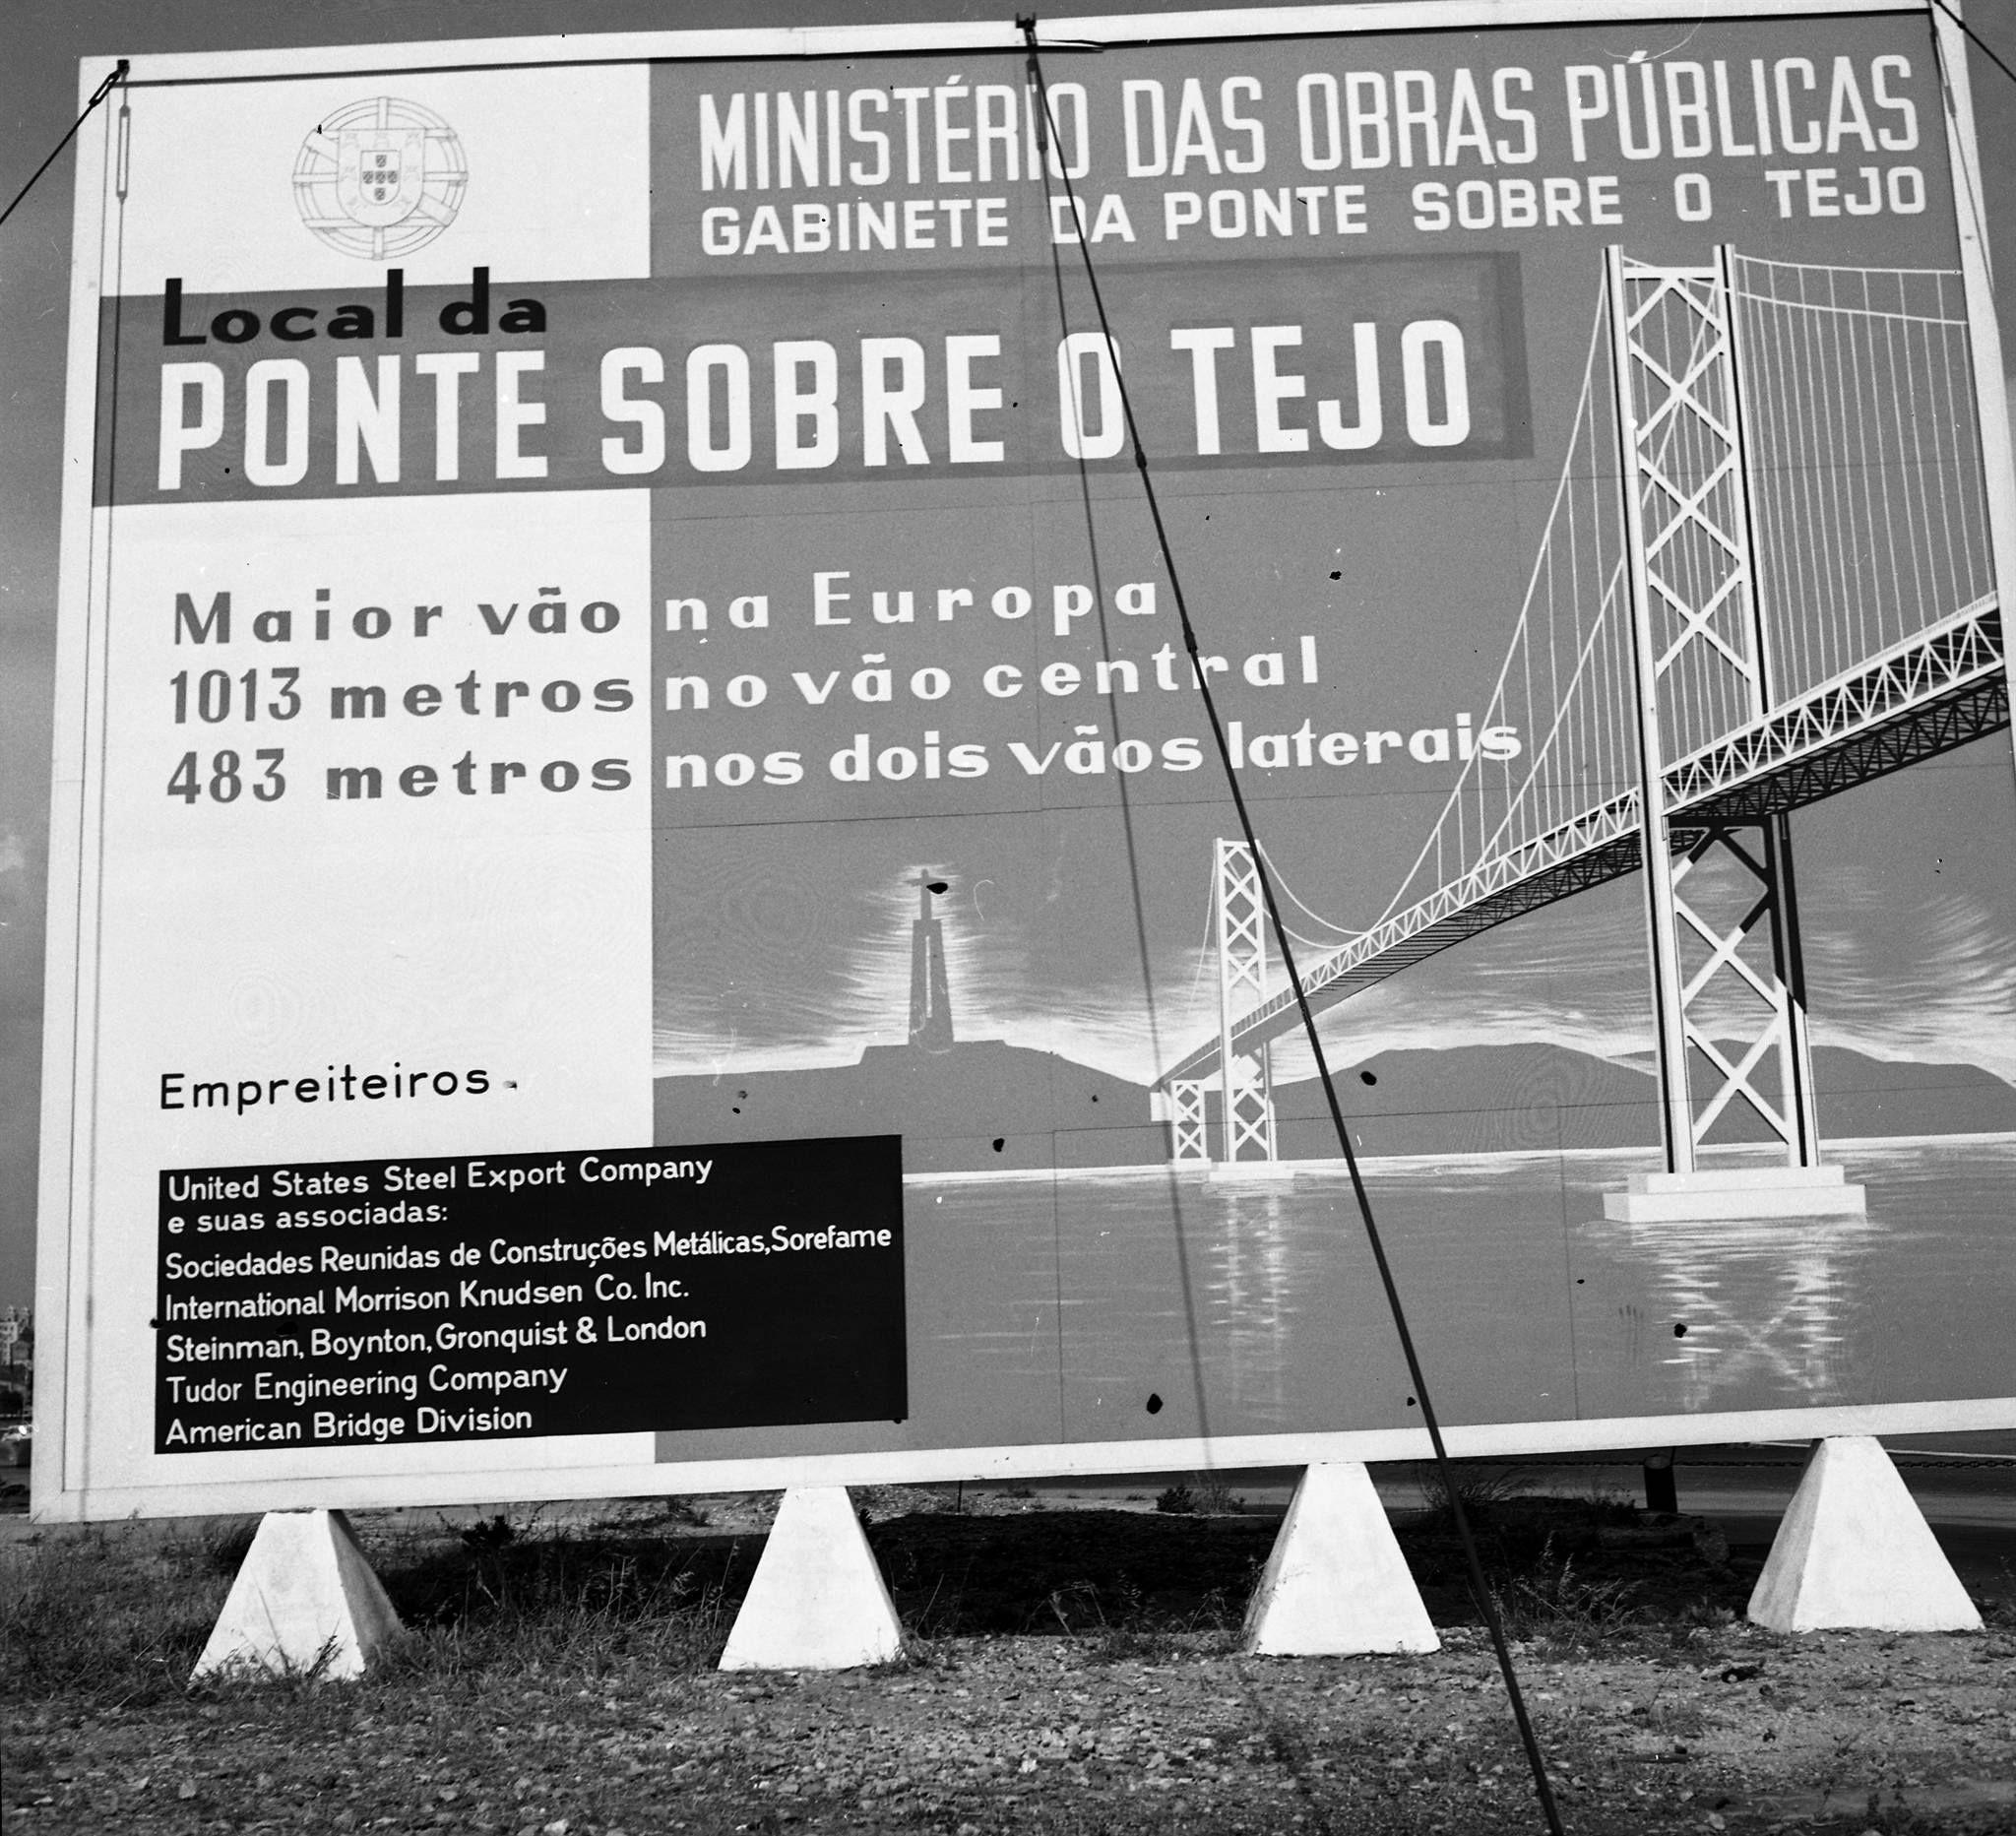 Cartaz a anunciar a construção da Ponte sobre o Tejo